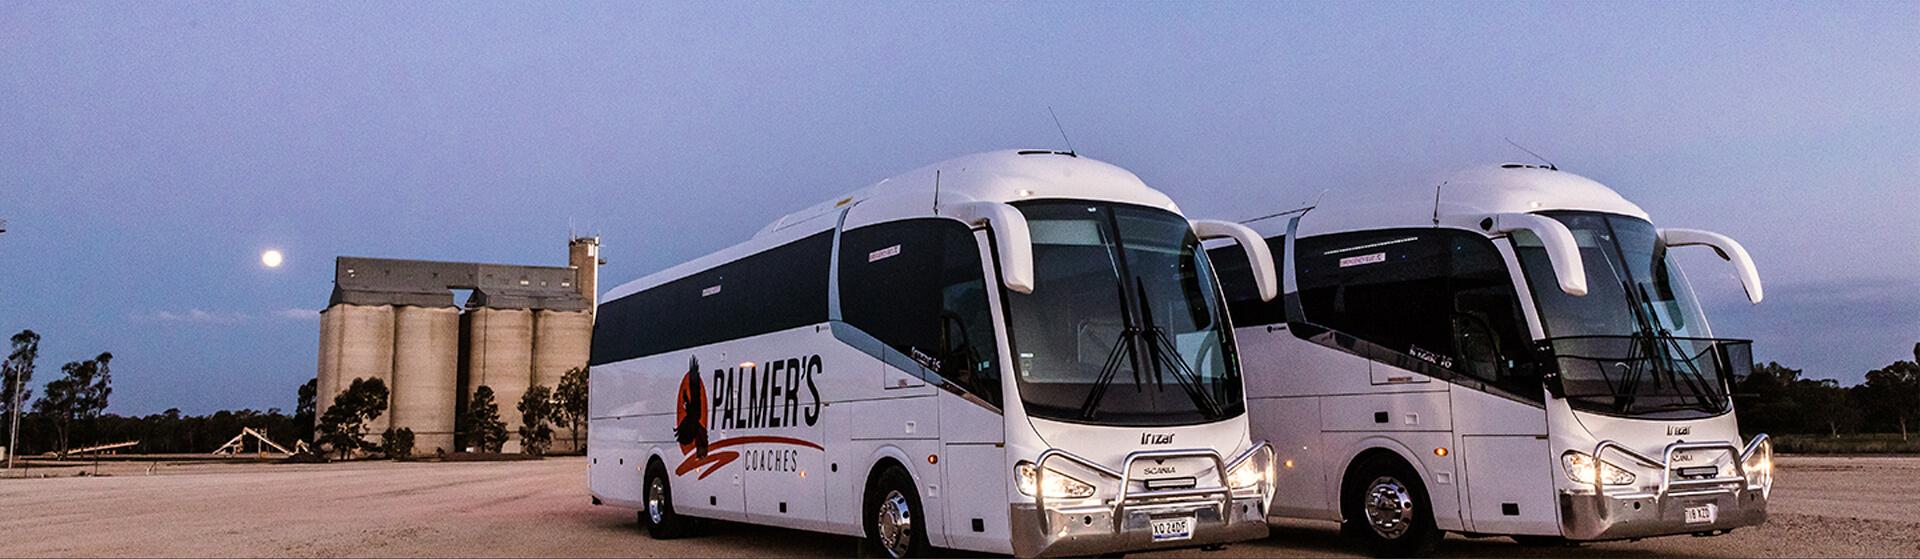 Palmer's Coaches